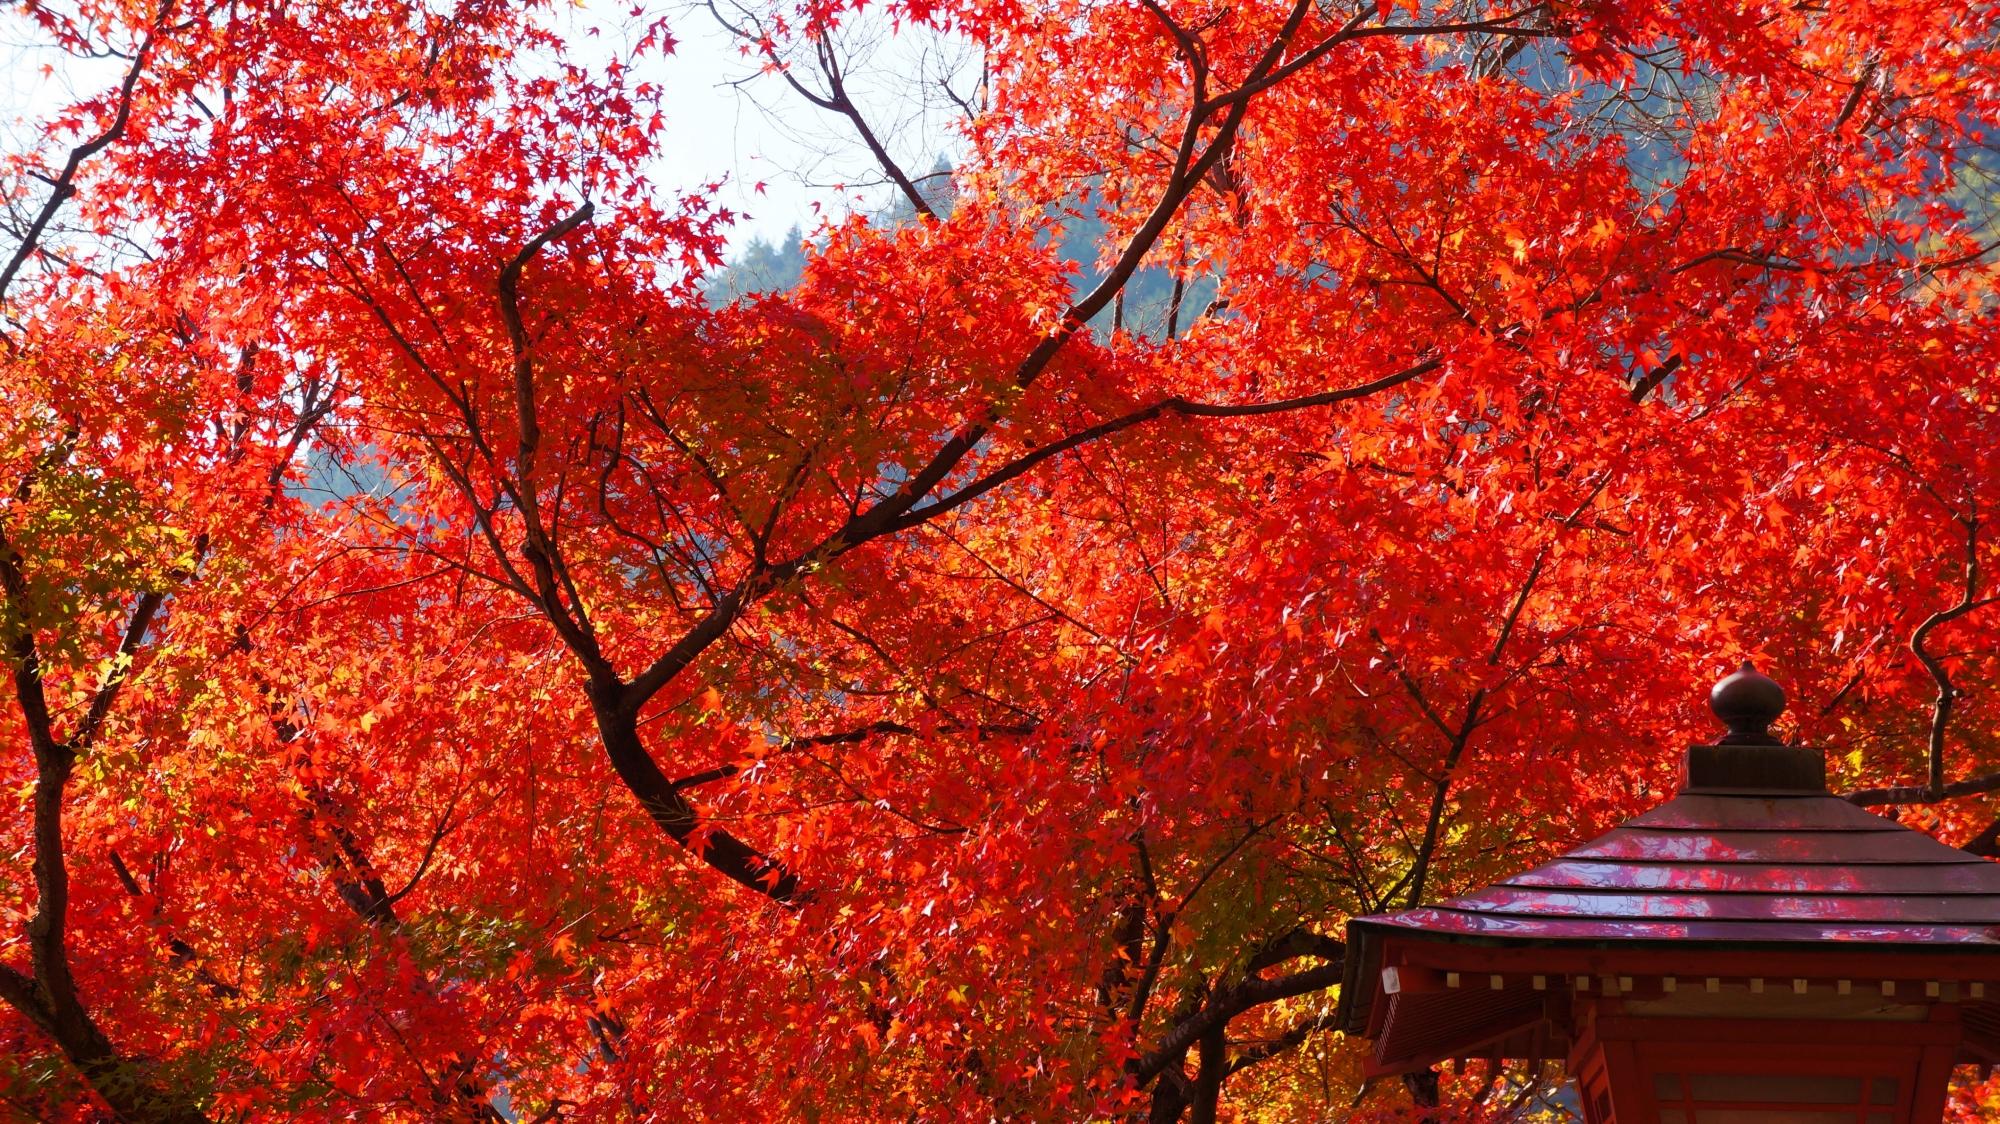 青空と紅葉が映る燈籠と秋の景色